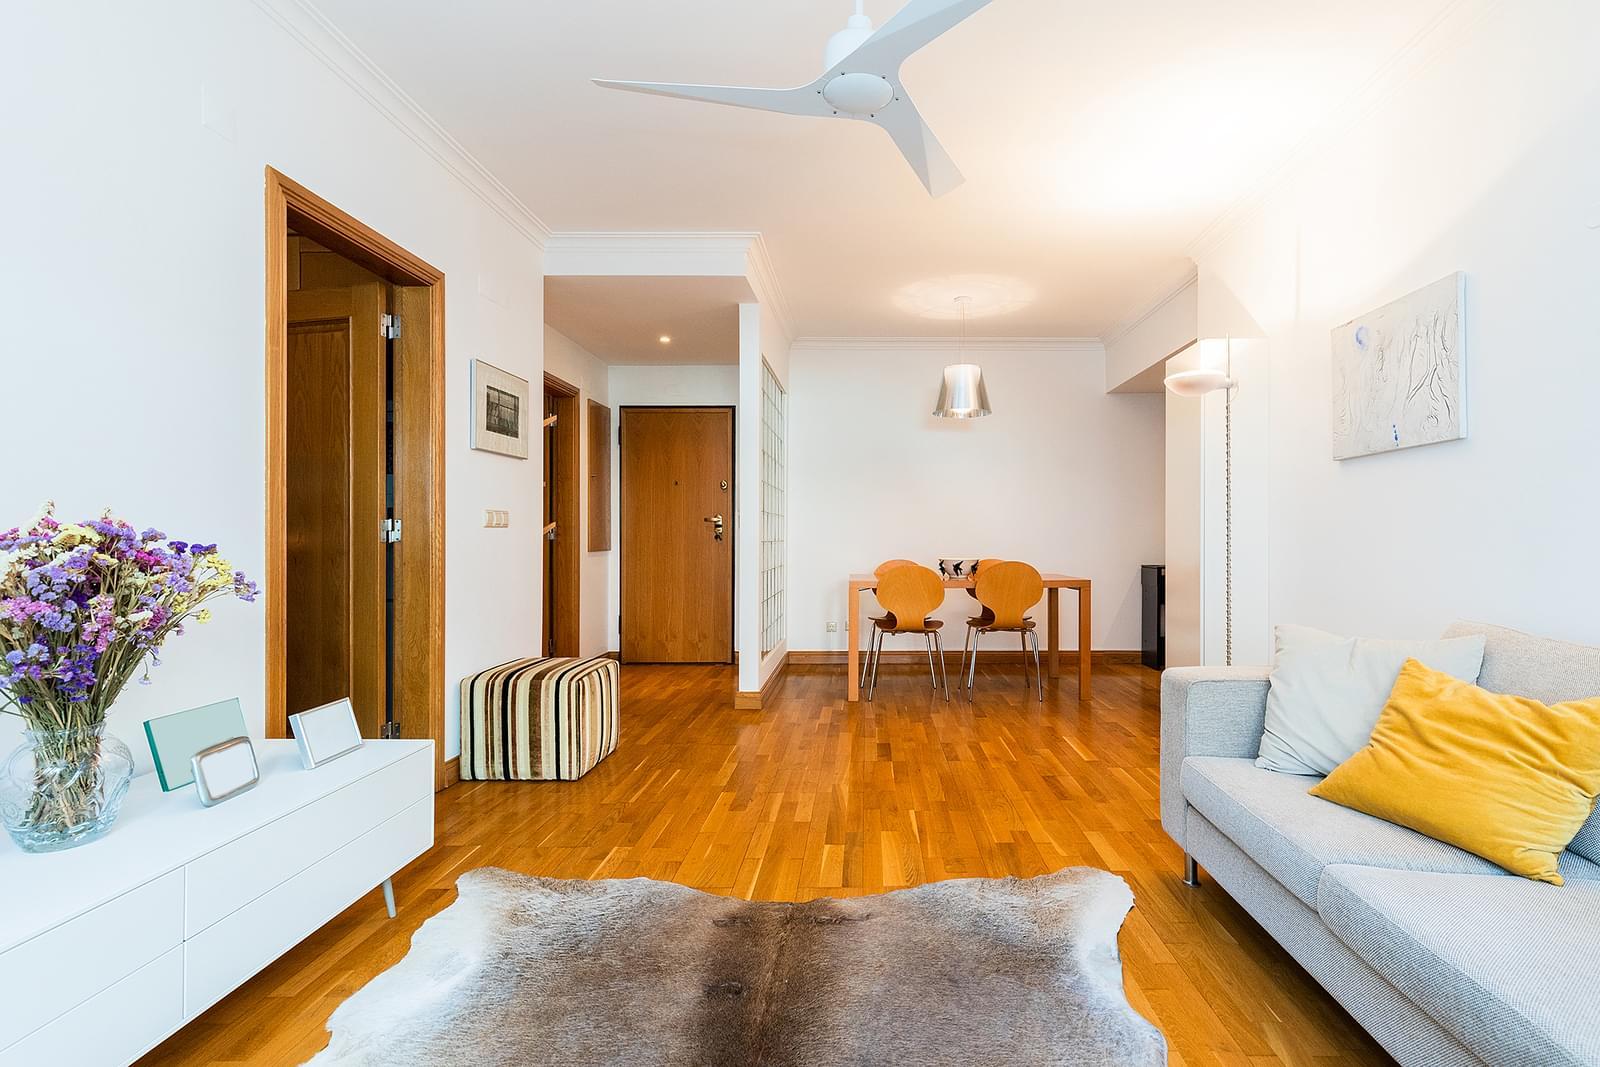 pf18967-apartamento-t2-lisboa-2dfd0638-9da2-4ba0-b5da-811523f1e59a